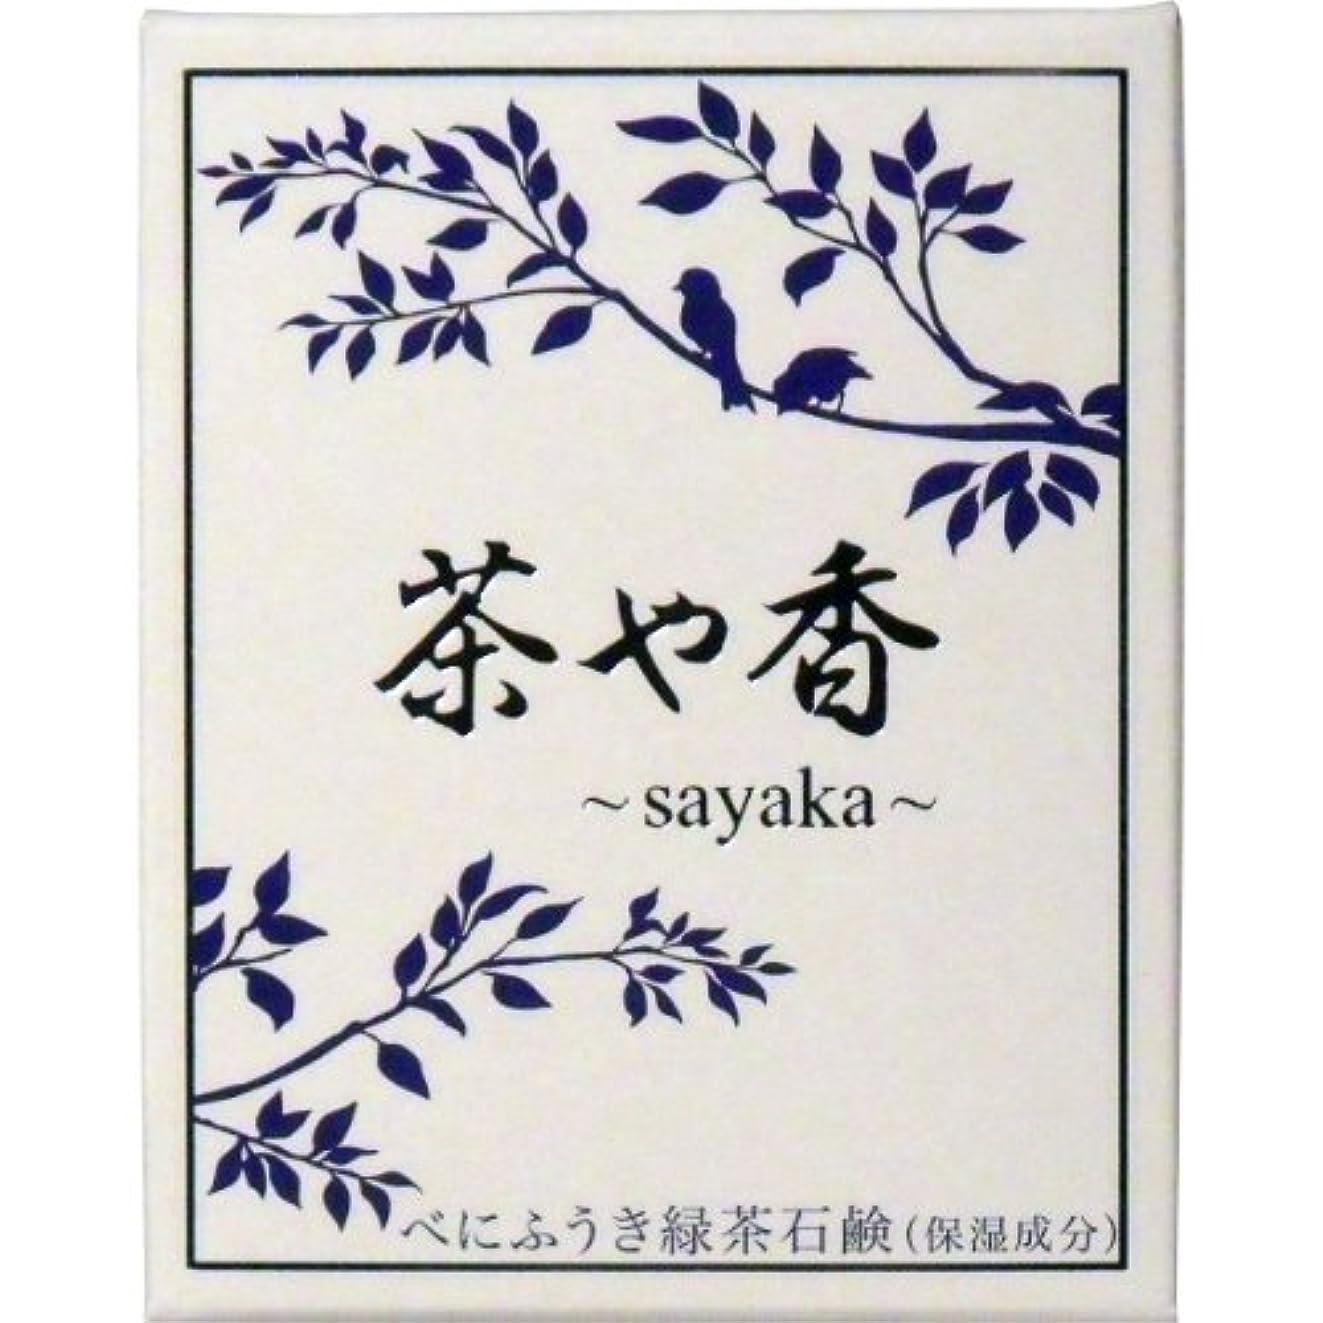 振動するレベル音節茶や香 -sayaka- べにふうき緑茶石鹸 100g入